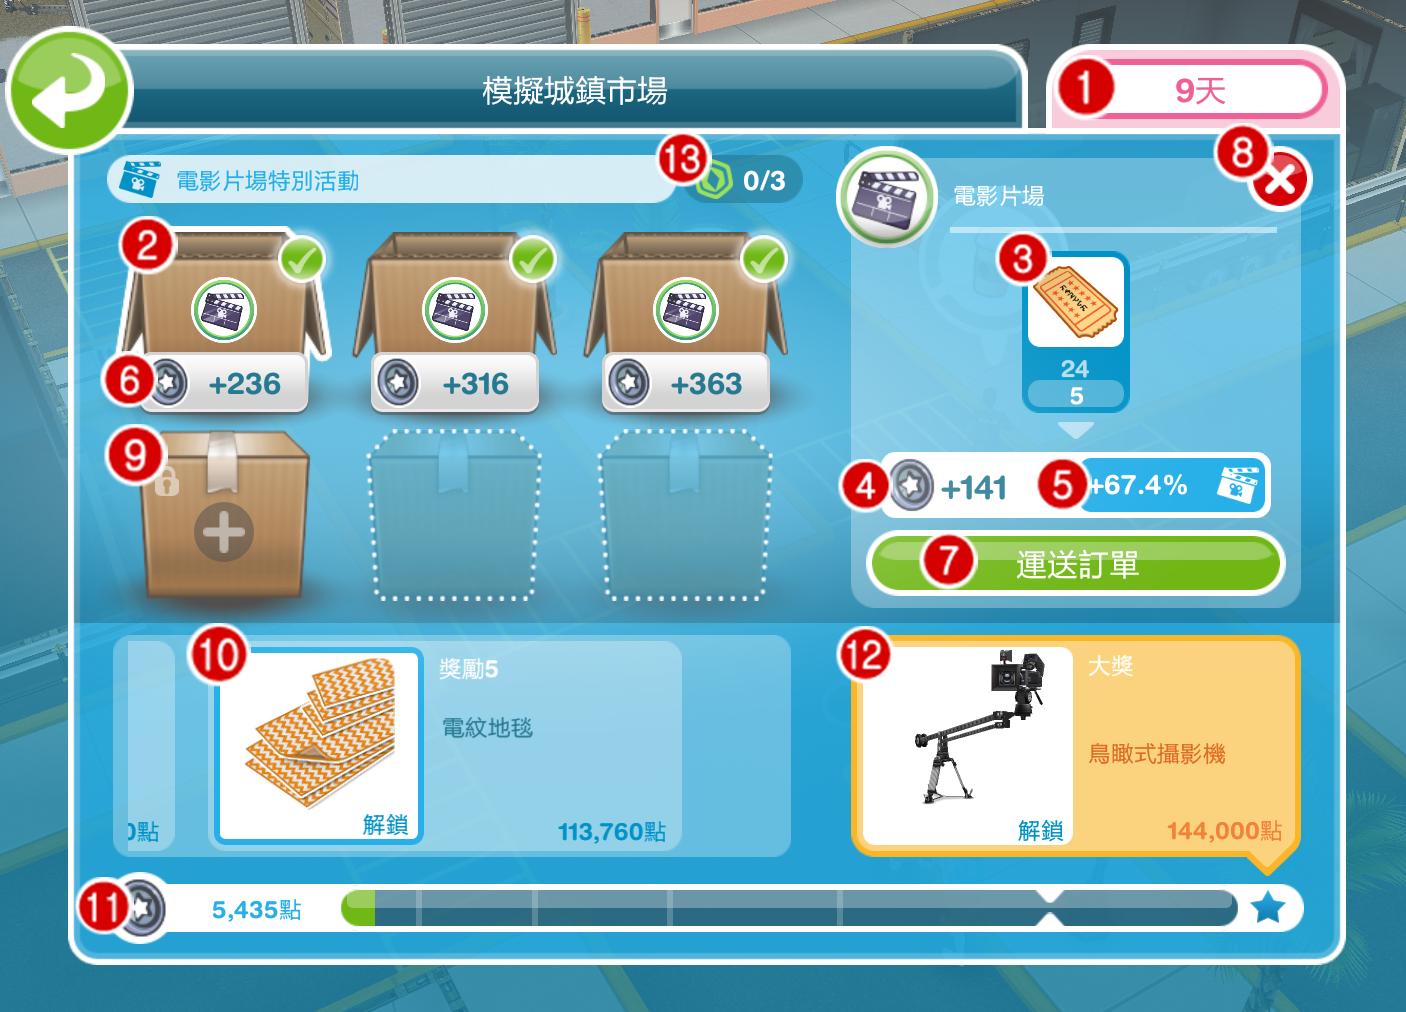 初夏的極光: 【攻略】The Sims FreePlay - 模擬城鎮市場教學